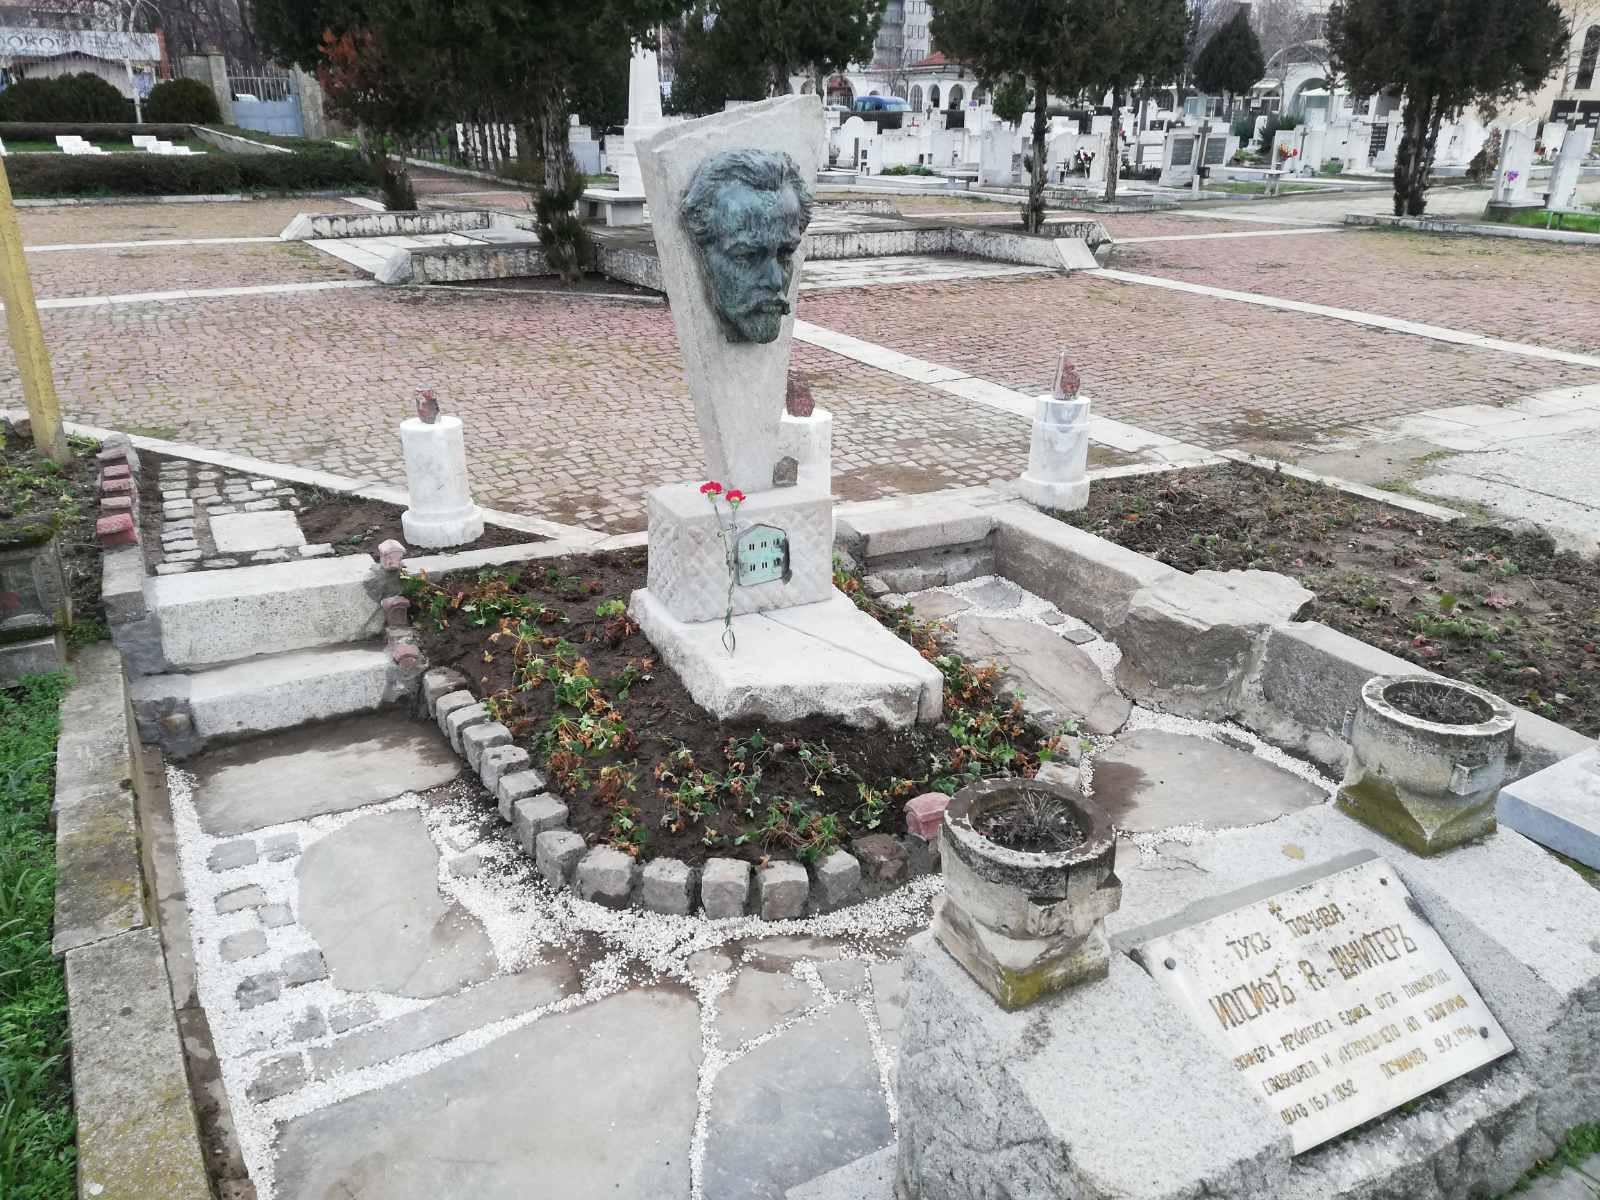 Възпоминателна скулптура на Йосиф Шнитер